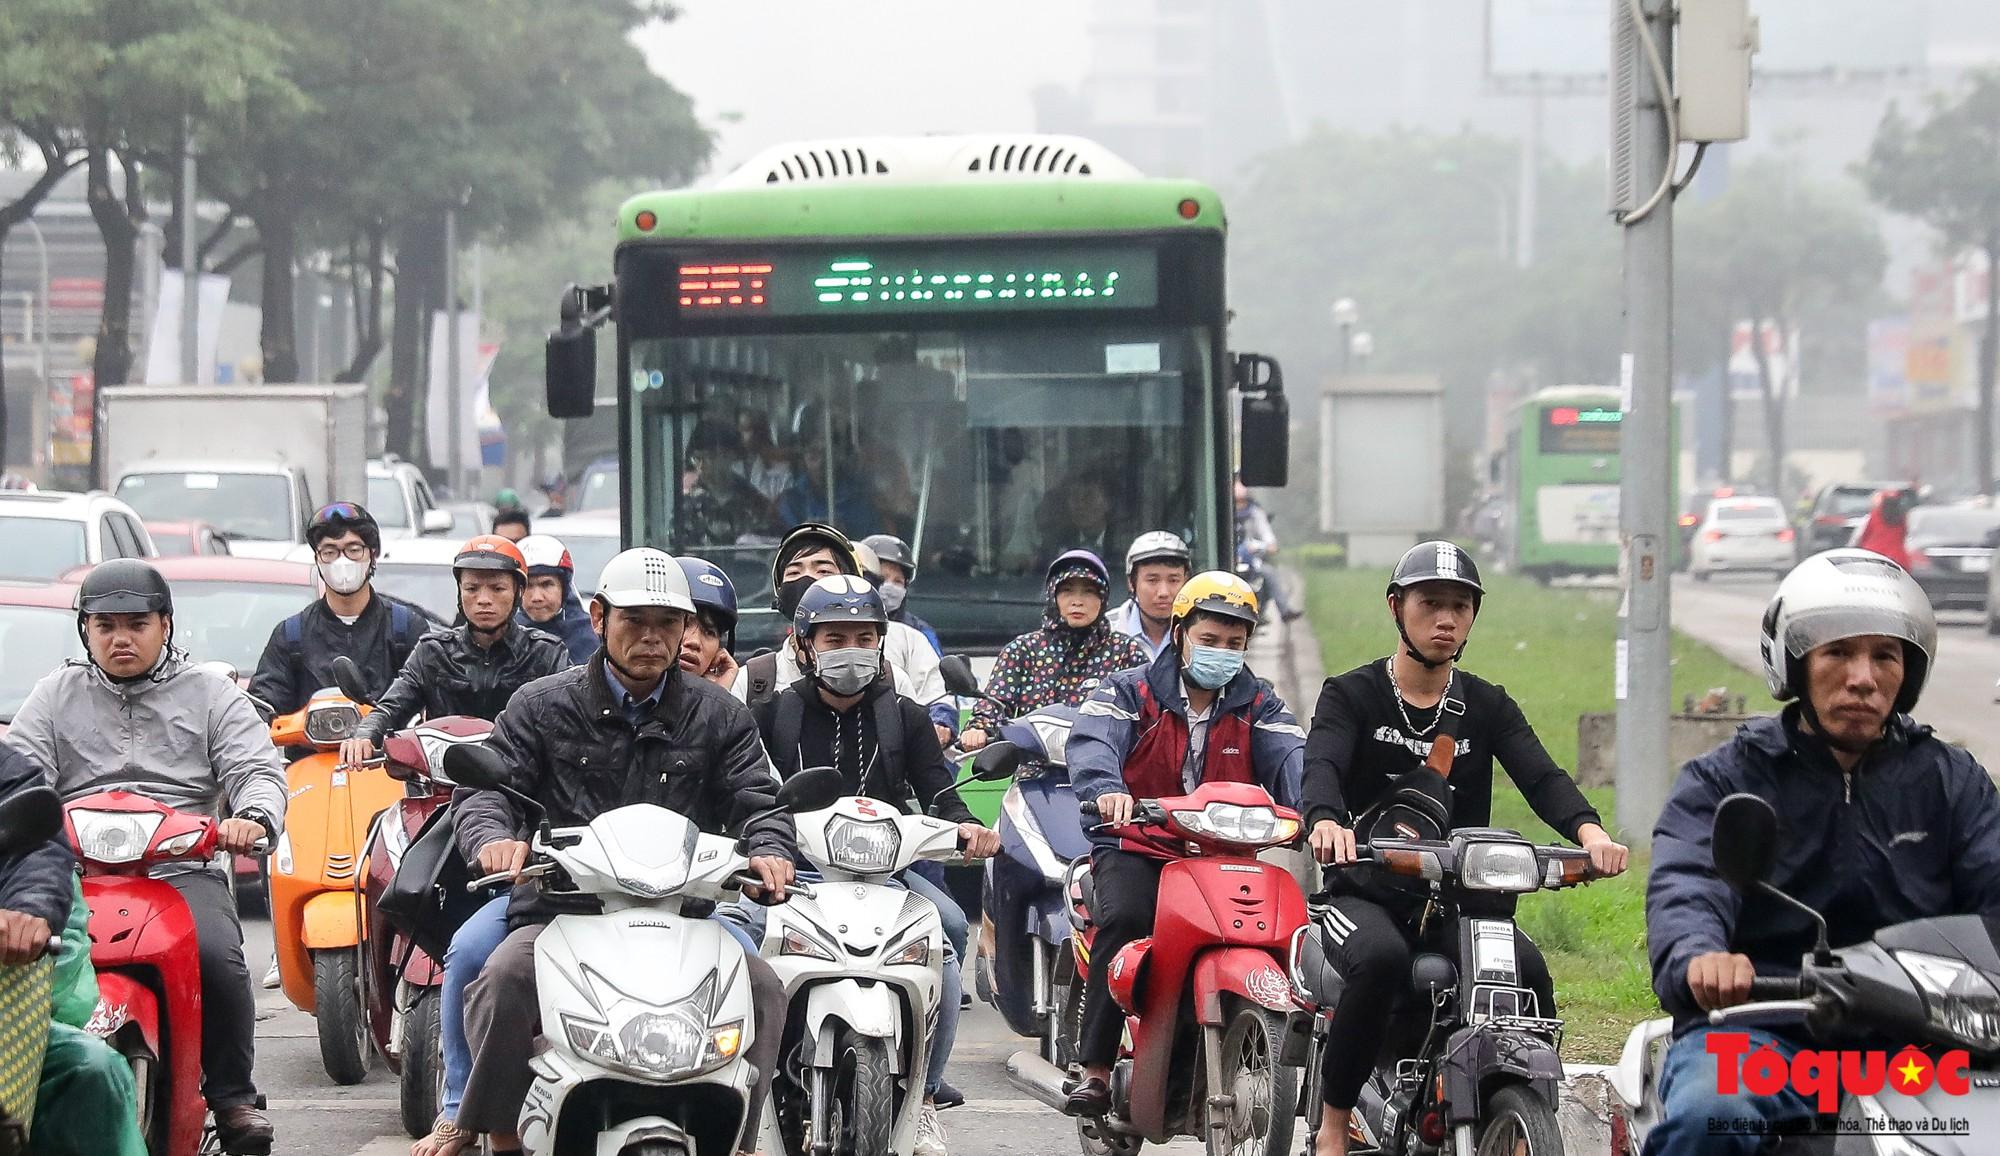 Nhìn những hình ảnh này mới thấy đề xuất cấm xe máy 6 tuyến phố Hà Nội là vô cảm với người dân nghèo - Ảnh 18.